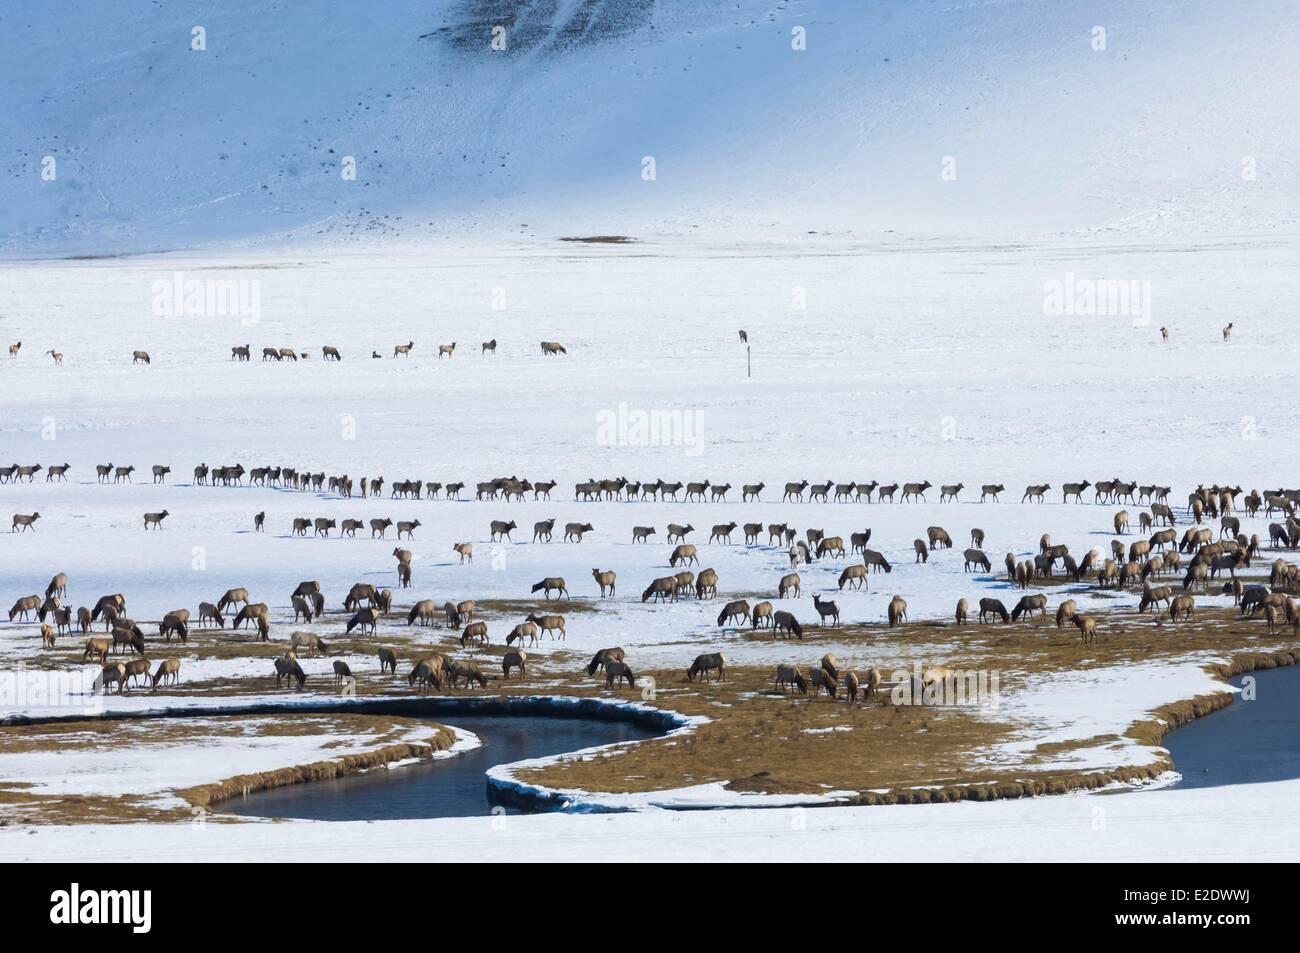 Stati Uniti Wyoming Jackson Hole migrazione invernale del wapiti Immagini Stock